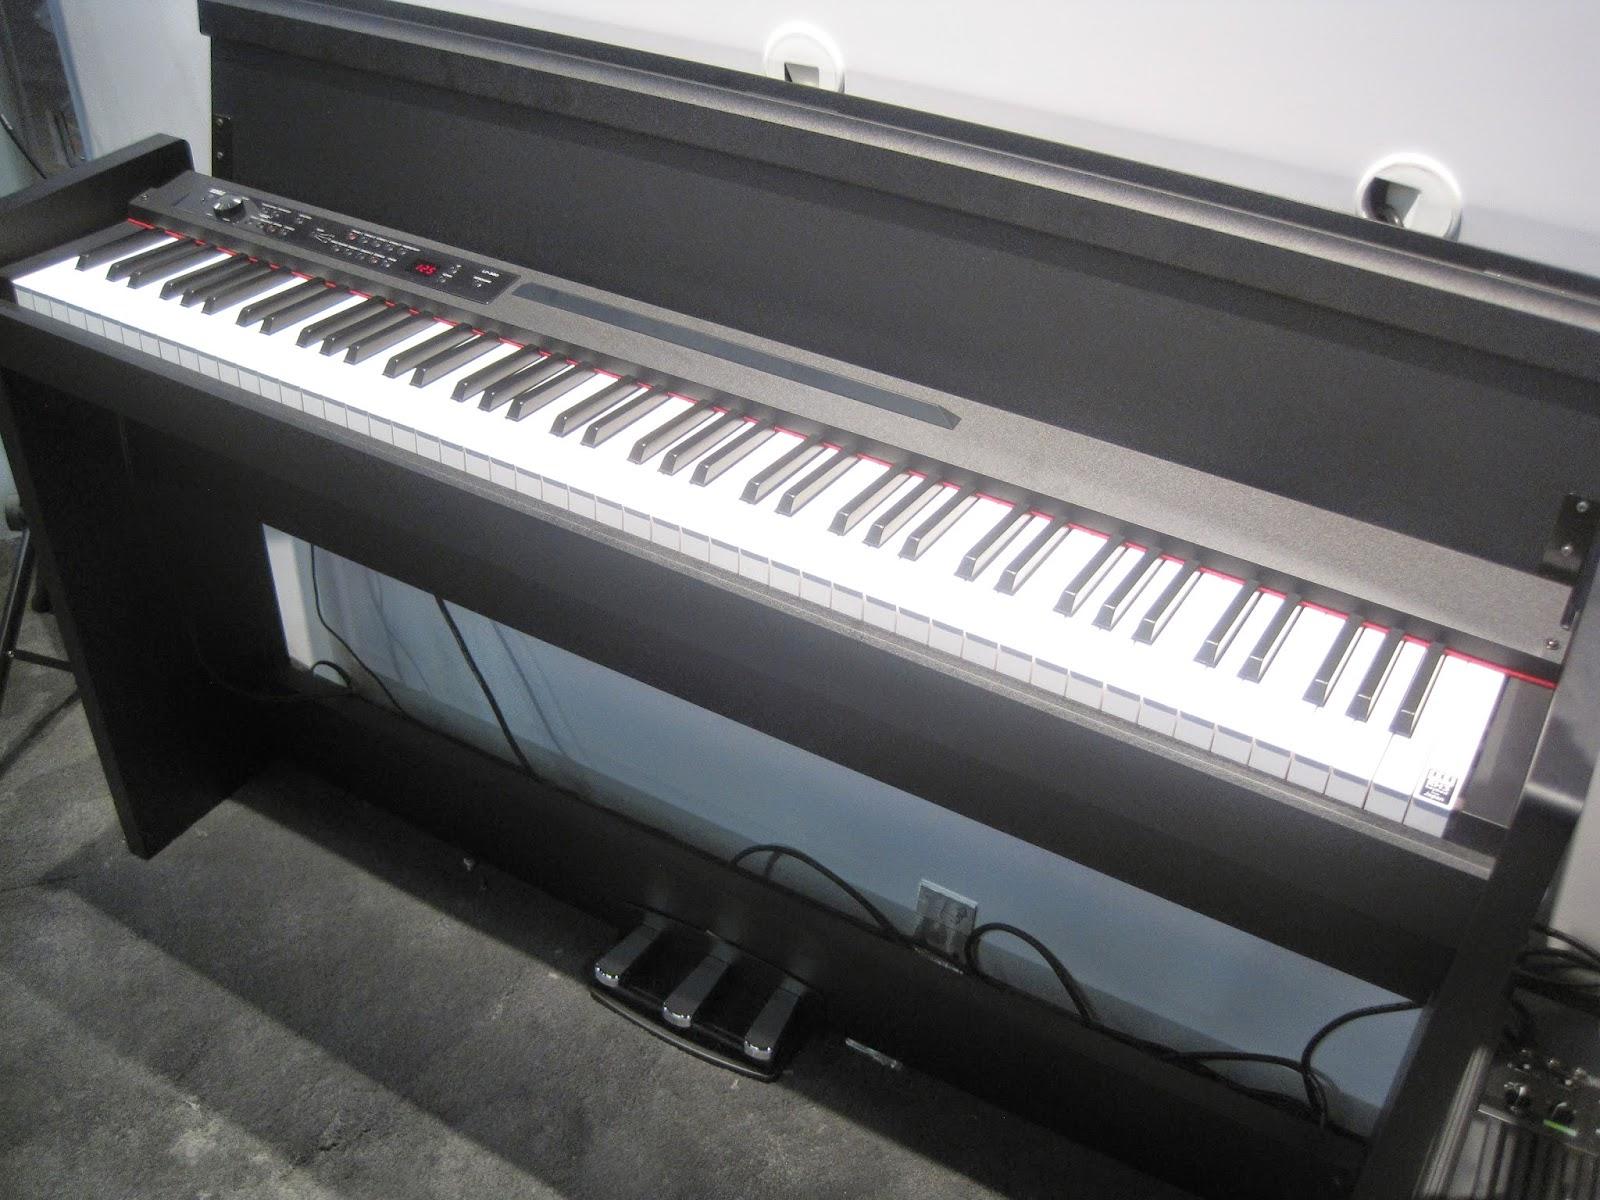 az piano reviews review korg sp280 korg lp380 digital pianos. Black Bedroom Furniture Sets. Home Design Ideas